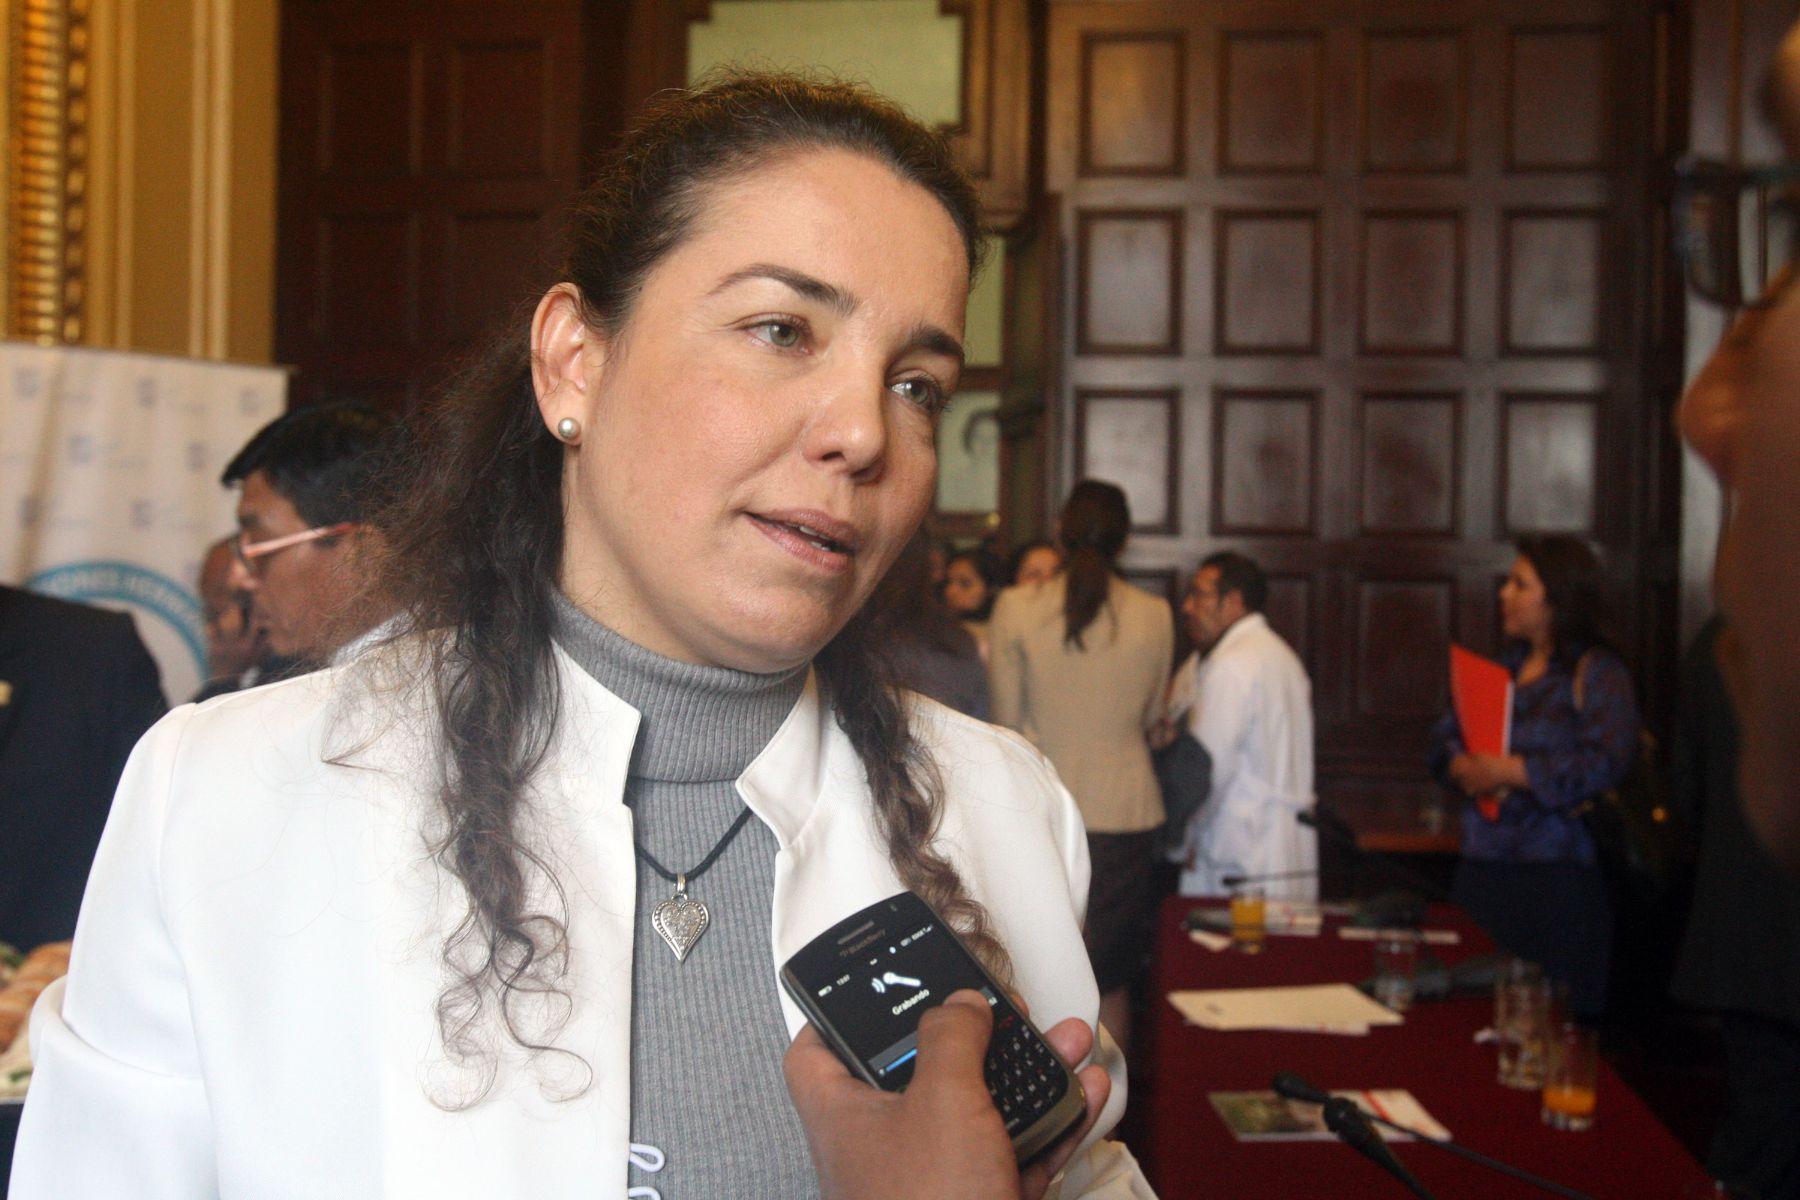 Jefa del Instituto Nacional de Enfermedades Neoplásicas (Inen), Tatiana Vidaurre. ANDINA/Héctor Vinces